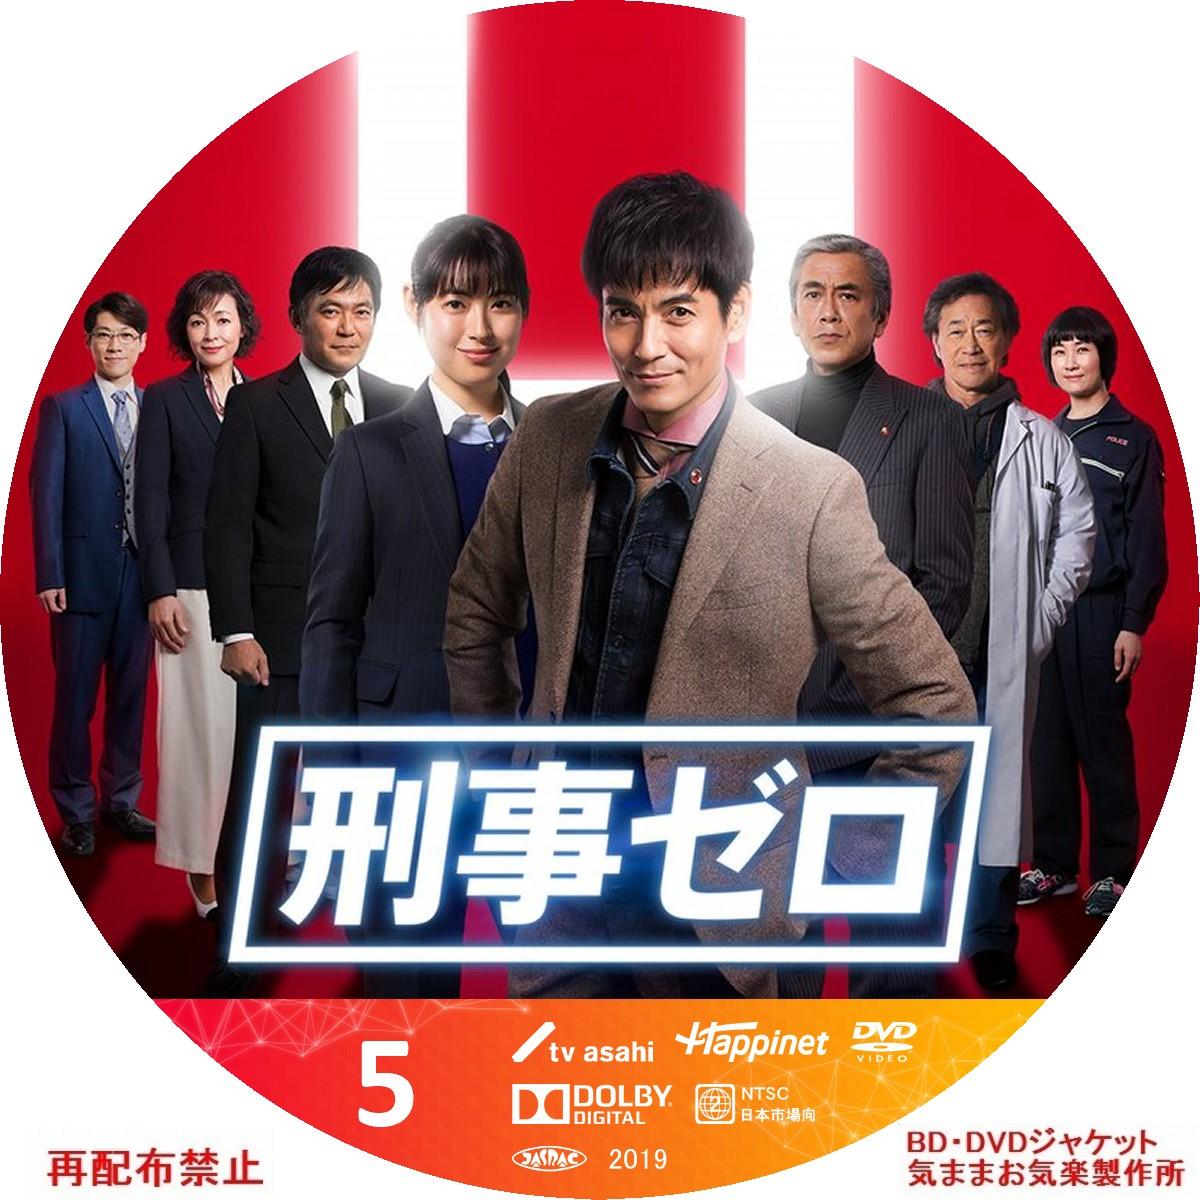 keiji_0_DVD05.jpg